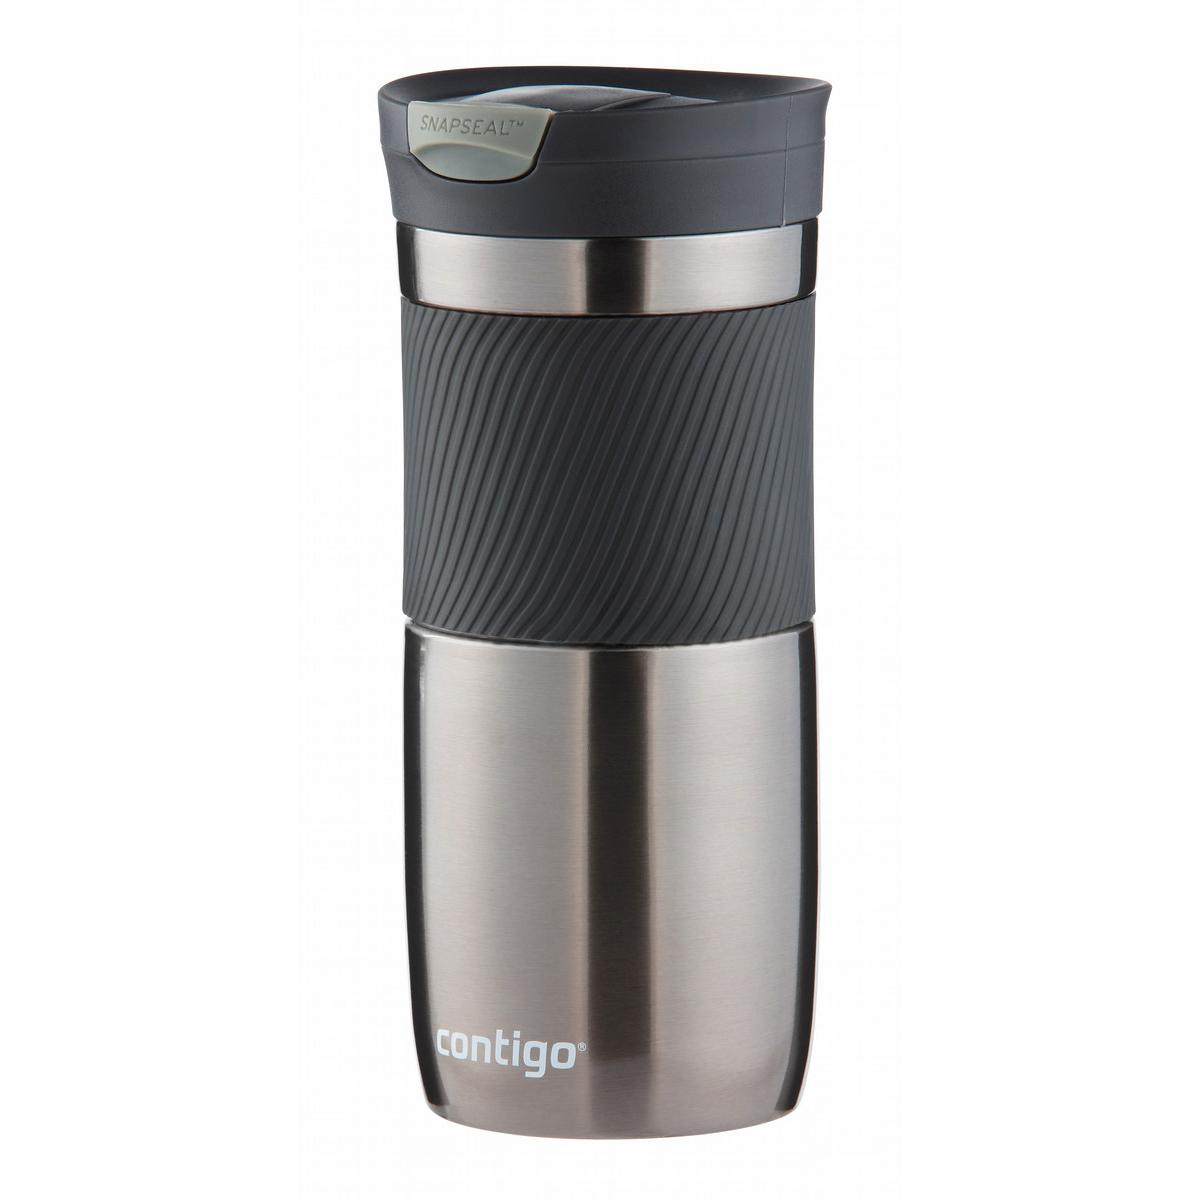 Термокружка Contigo Byron, цвет: серебристый, серый, 470 млcontigo0329Термокружка Contigo Byron, изготовленная из высококачественной матированной нержавеющей стали и пищевого пластика, подходит как для холодных, так и для горячих напитков. Жидкость сохраняется горячей до 6 часов, холодной - до 12 часов. Изделие оснащено крышкой с открывающимся клапаном, что очень удобно для питья. Специальное устройство Snapseal открывает и закрывает клапан. Рельефная резиновая вставка на корпусе кружки обеспечивает удобный хват и защищает руки от воздействия высоких температур. С такой термокружкой вы где угодно сможете насладиться вашими любимыми напитками: в поездке, на прогулке, на работе или учебе. Изделие удобно брать с собой. Подходит для мытья в посудомоечной машине. Диаметр горлышка: 6,5 см. Диаметр (по верхнему краю): 8 см. Высота кружки (с учетом крышки): 18,5 см.